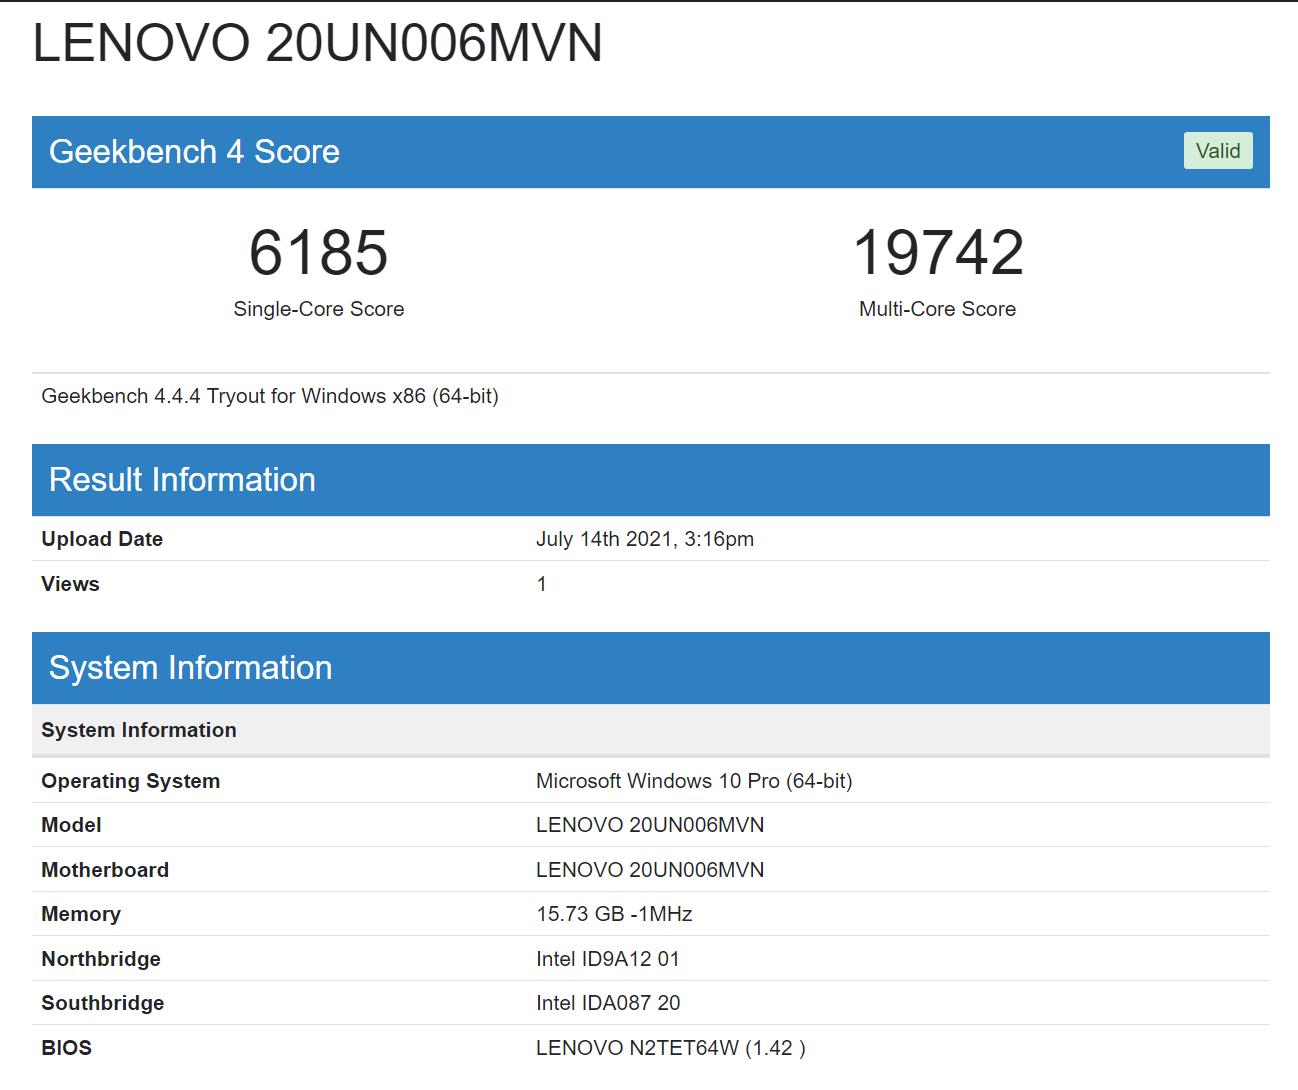 Đánh giá Lenovo ThinkPad X1 Nano: Chiếc ThinkPad cực mỏng nhẹ chúng ta hằng mong đợi - VnReview 2020 24